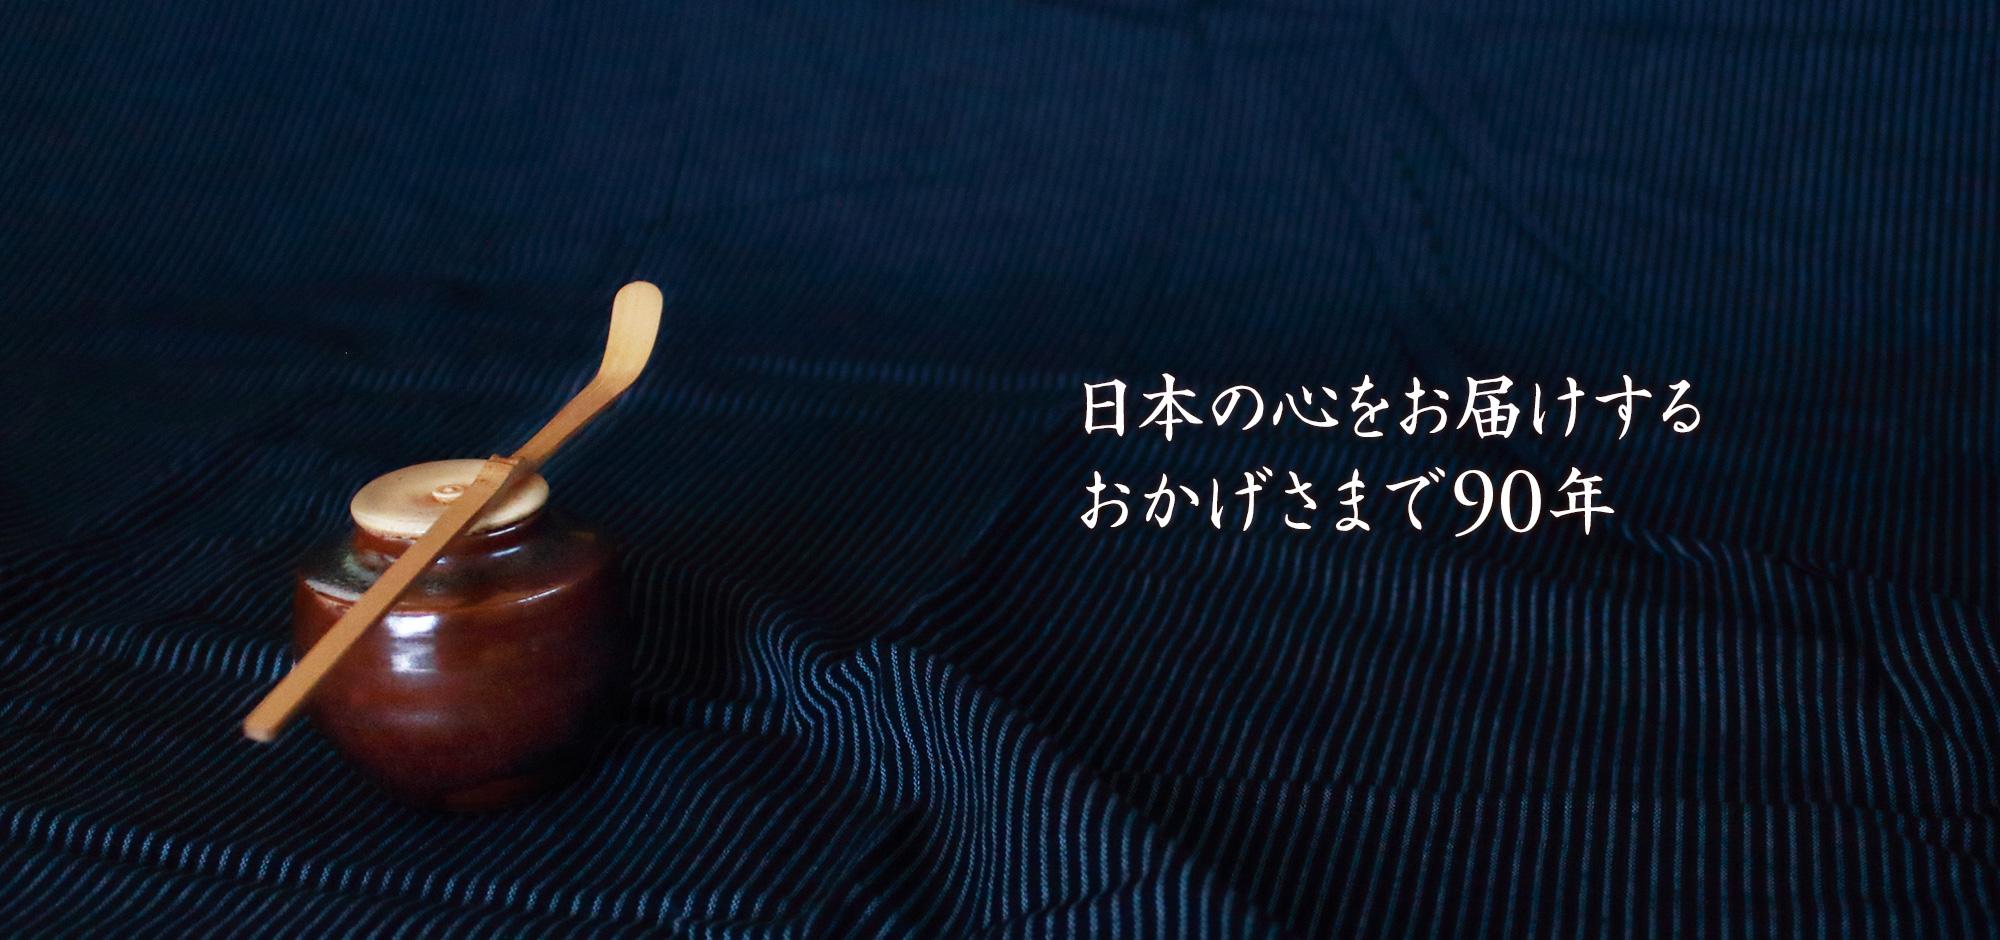 日本の心をお届けするおかげさまで90年